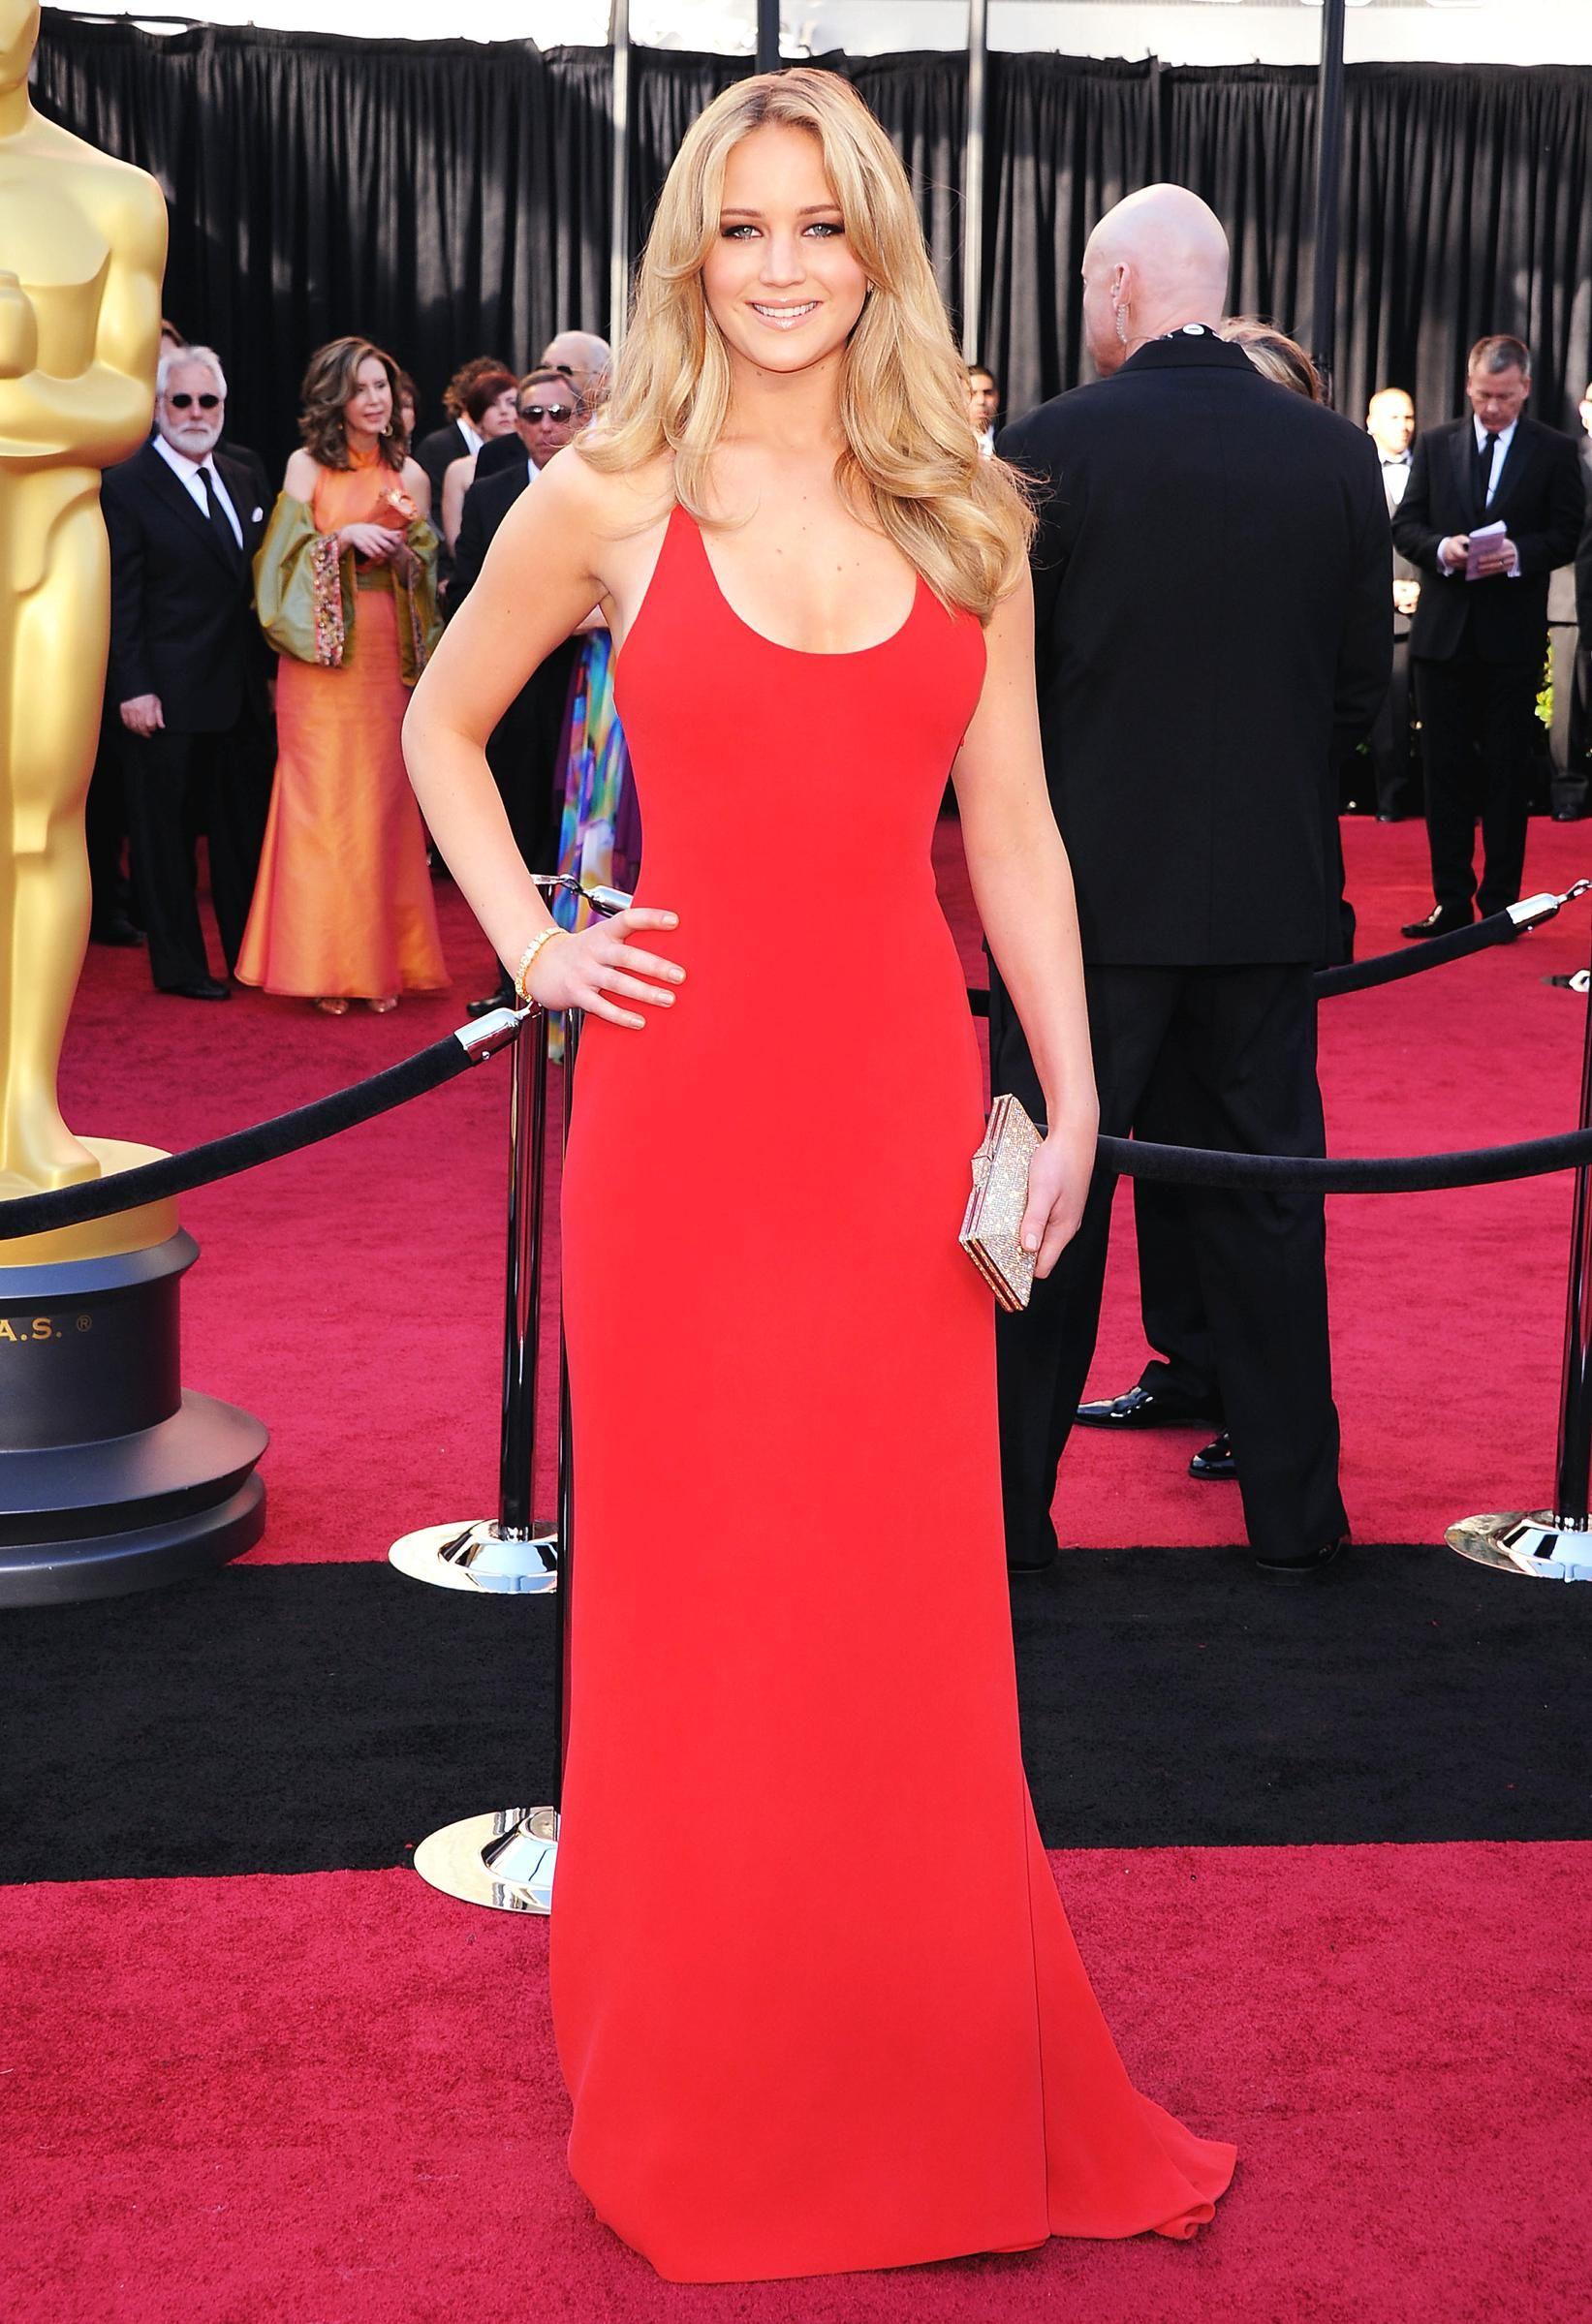 Jennifer Lawrence. www.wearelse.com